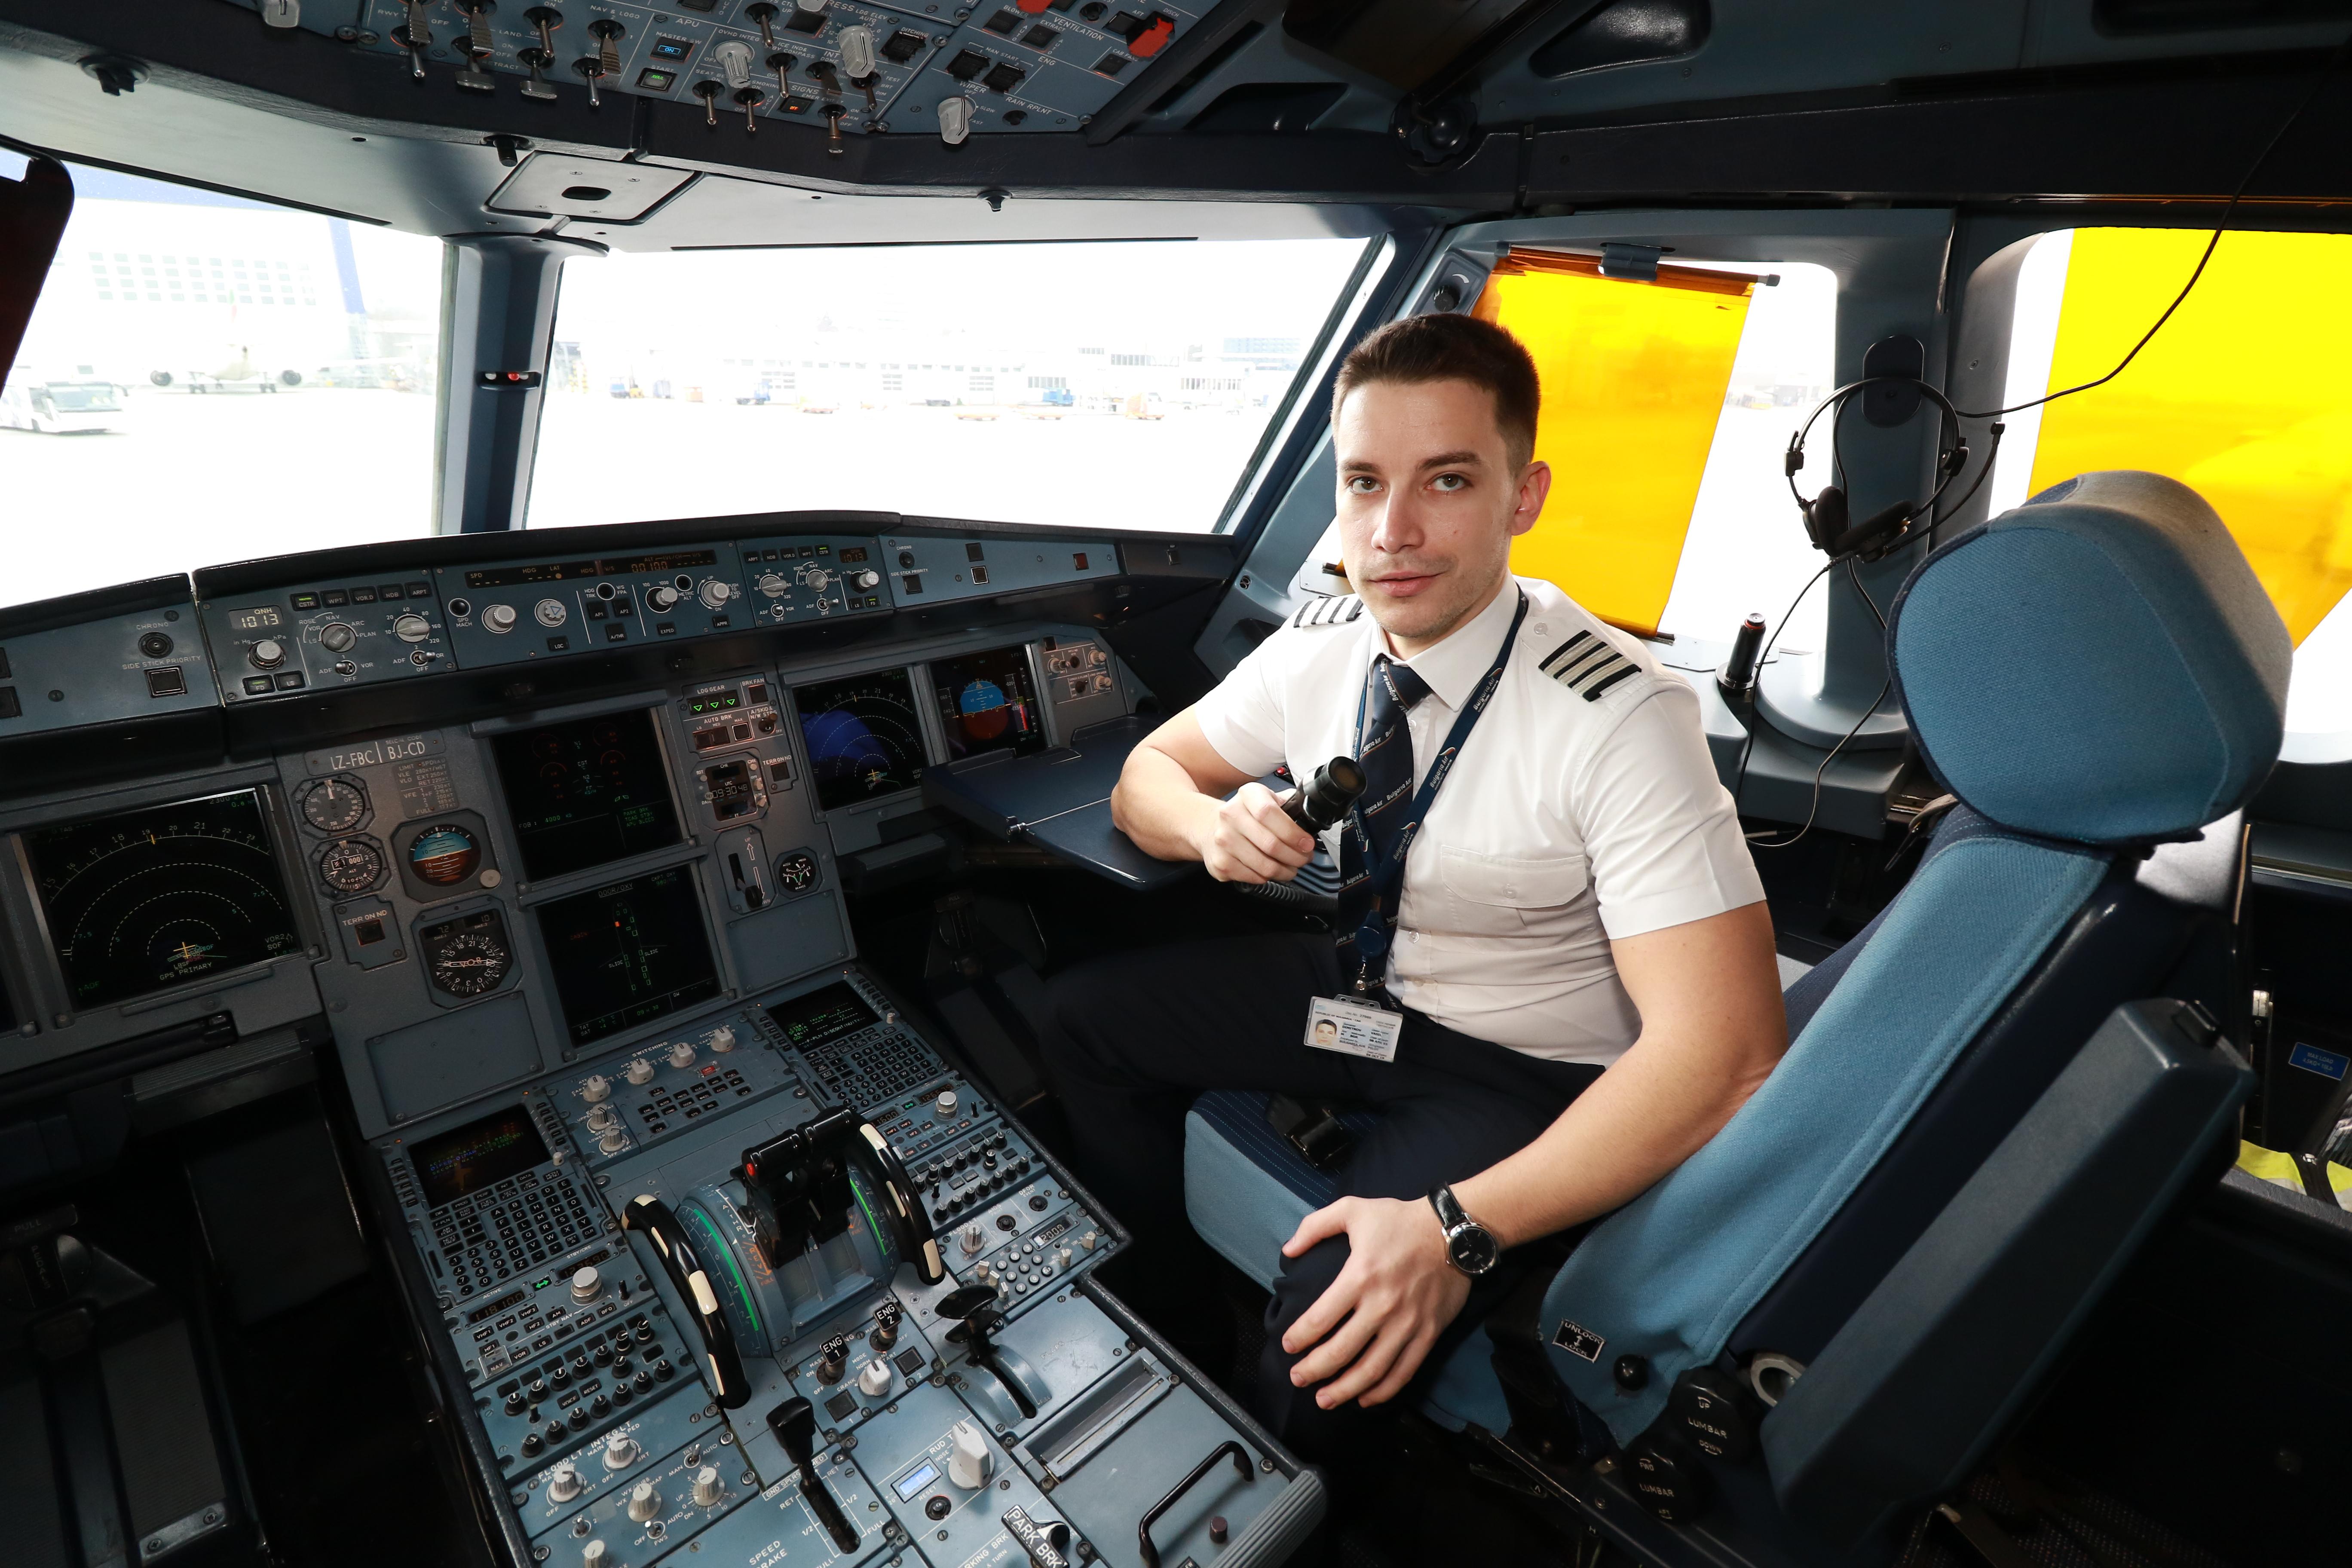 """Преди около 2 години Васил Димитров се завръща в родината си и започва работа в """"Бълагрия Еър""""."""